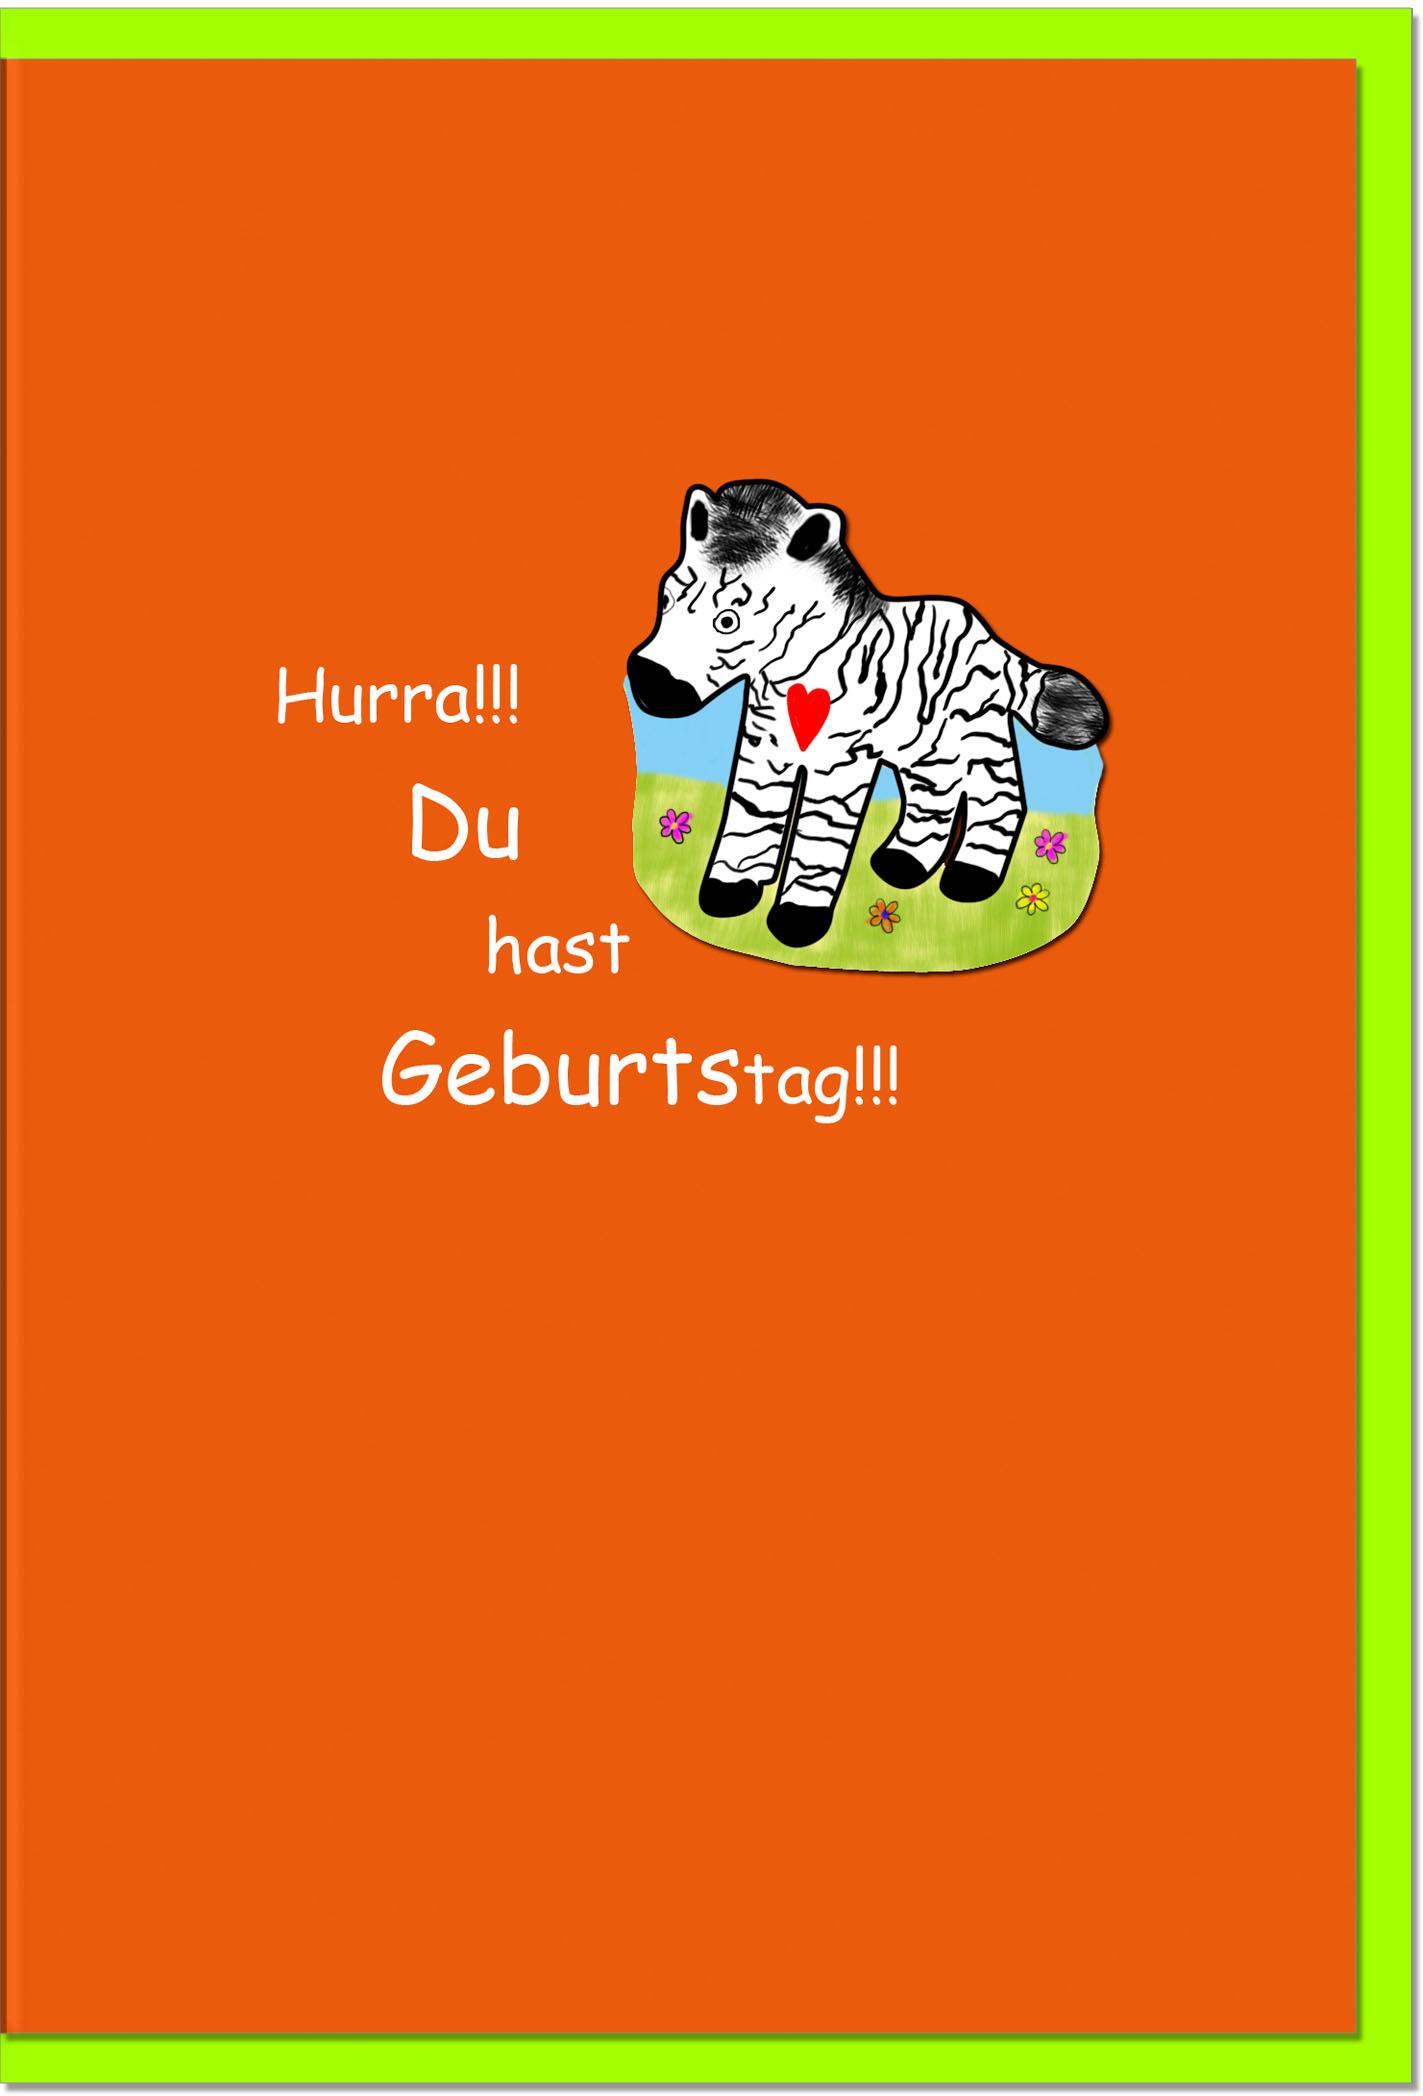 Geburtstagskarten / Grußkarten /Geburtstag Zebra